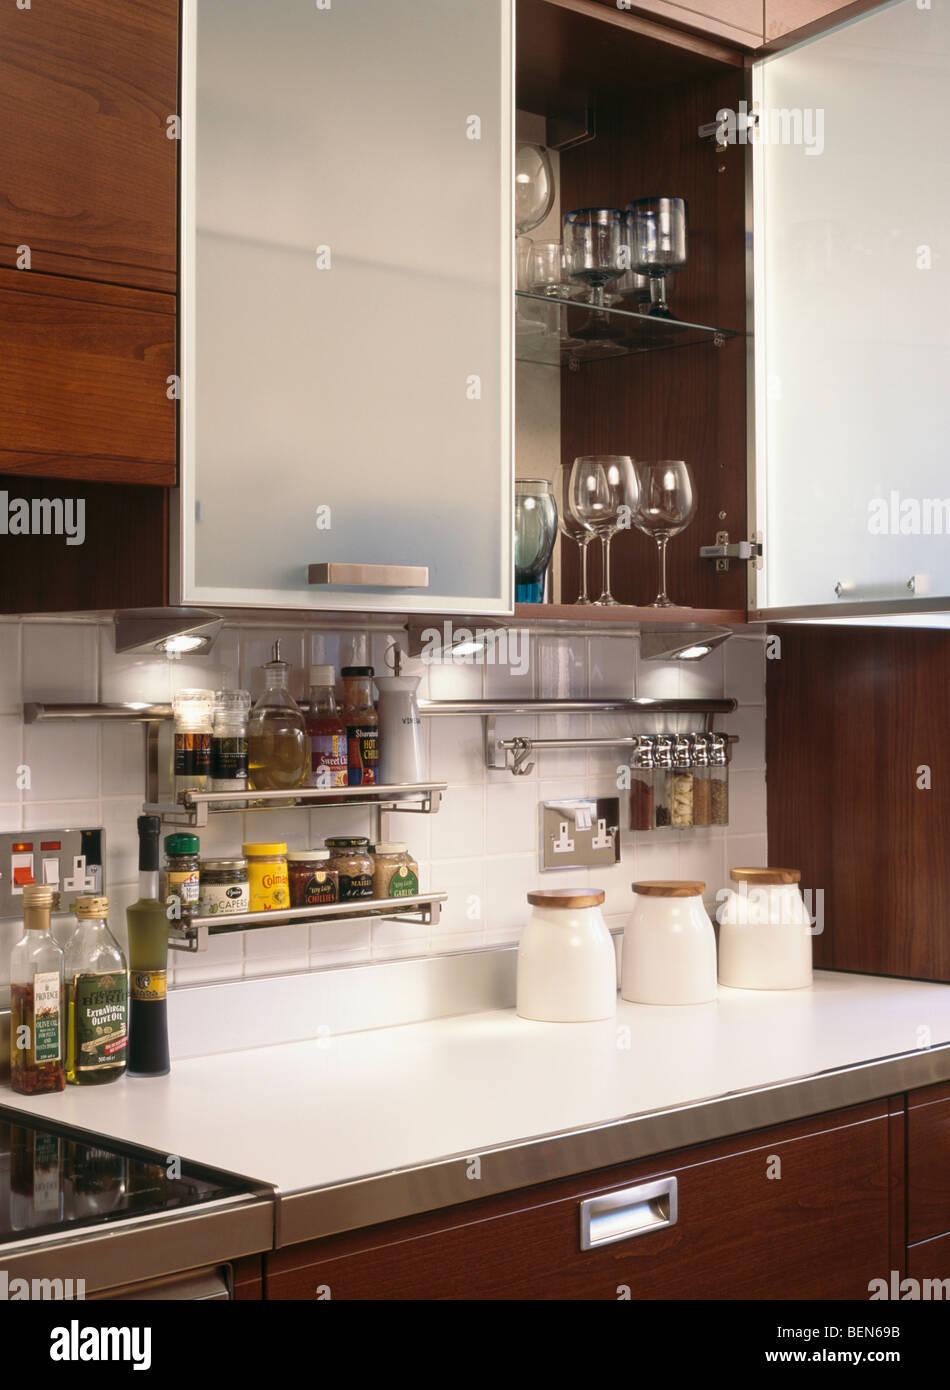 Nahaufnahme der Küchenschrank mit opak verglasten Türen öffnen über ...